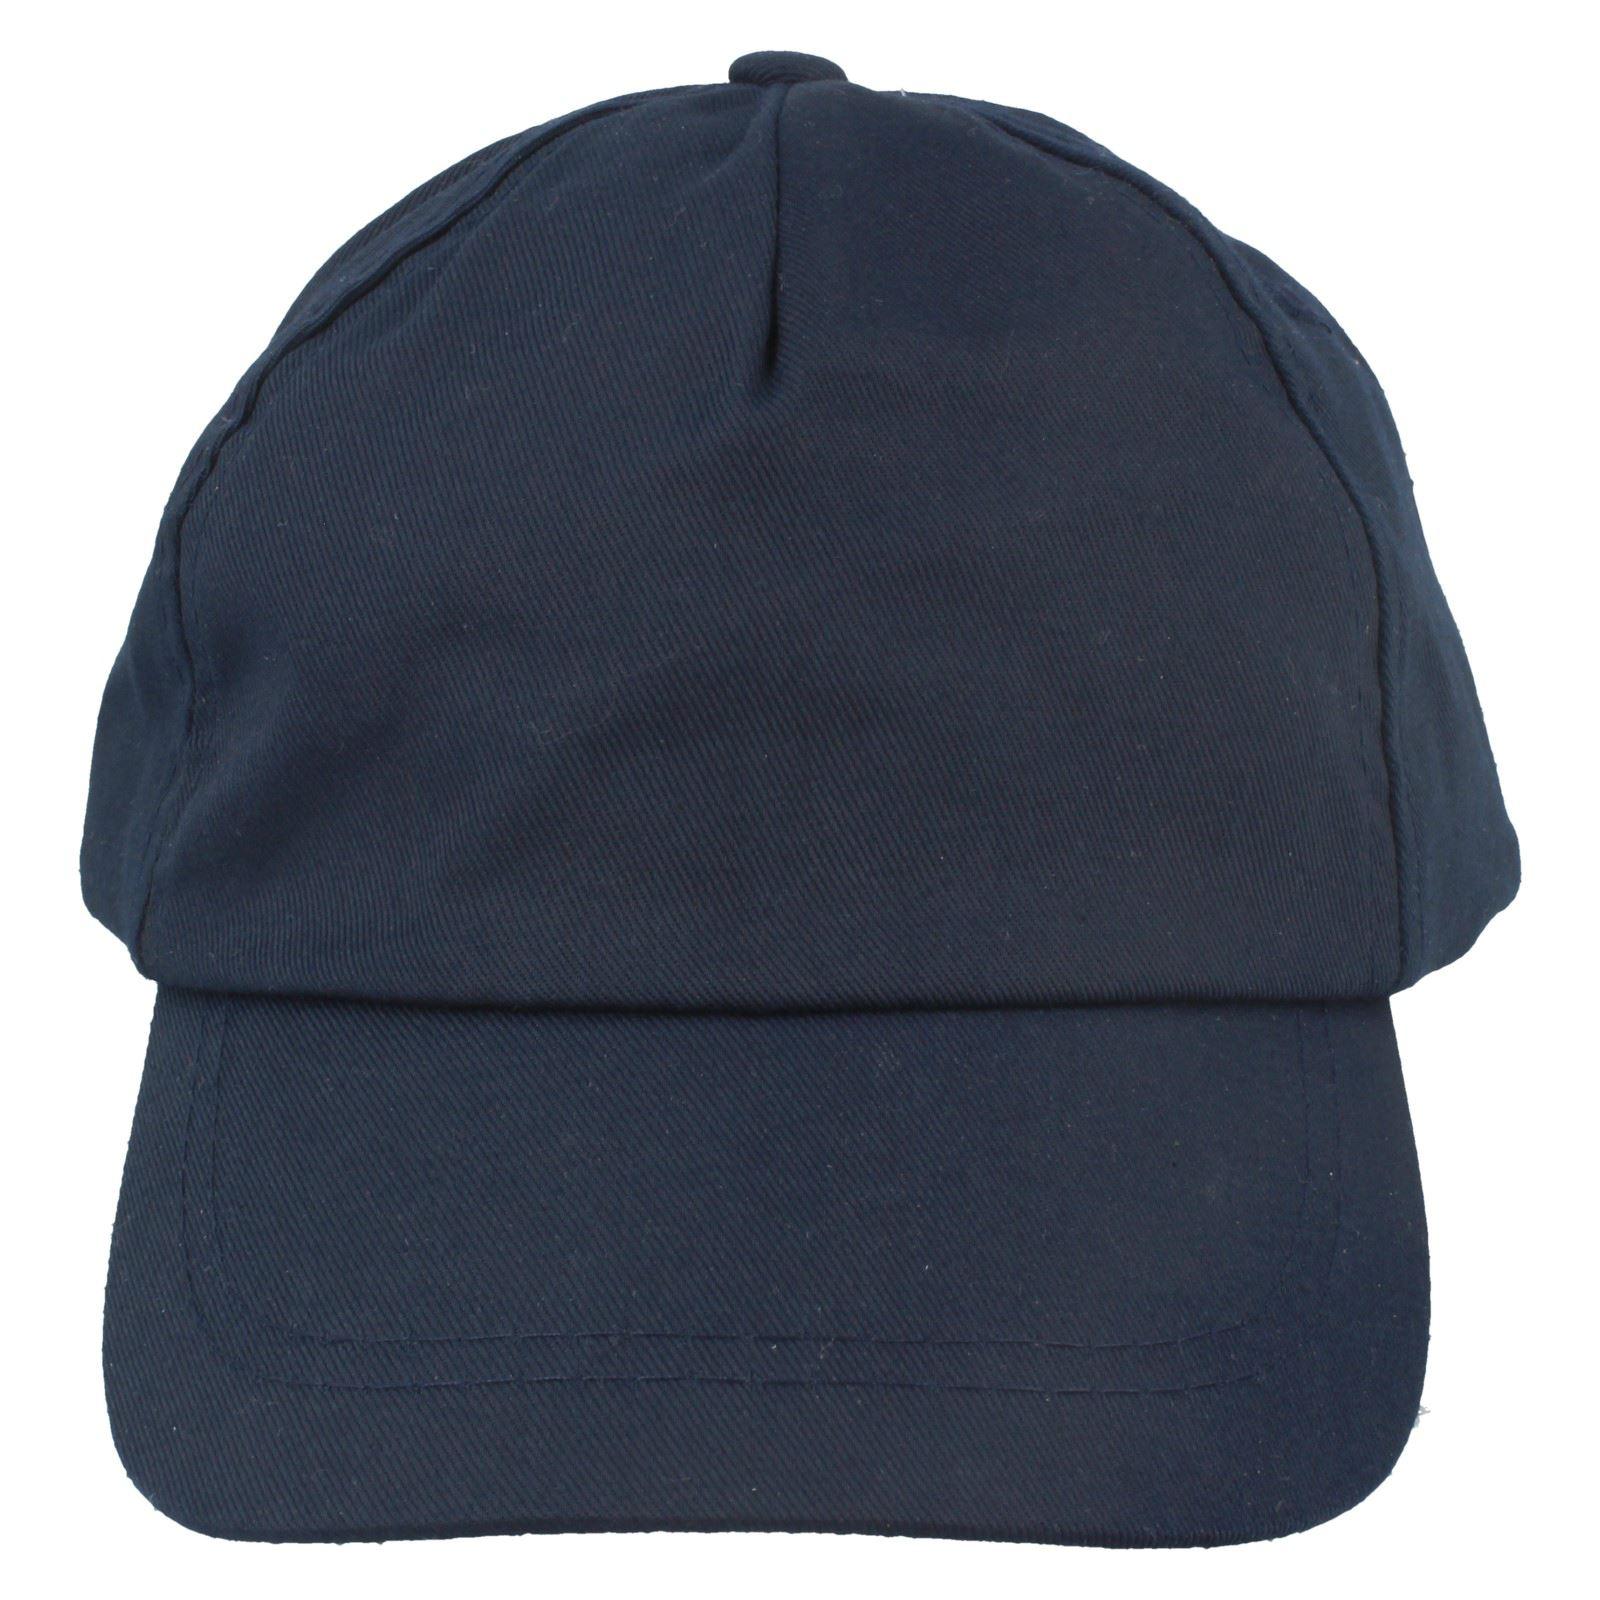 Childrens RJM Accessories Peak Caps GL060